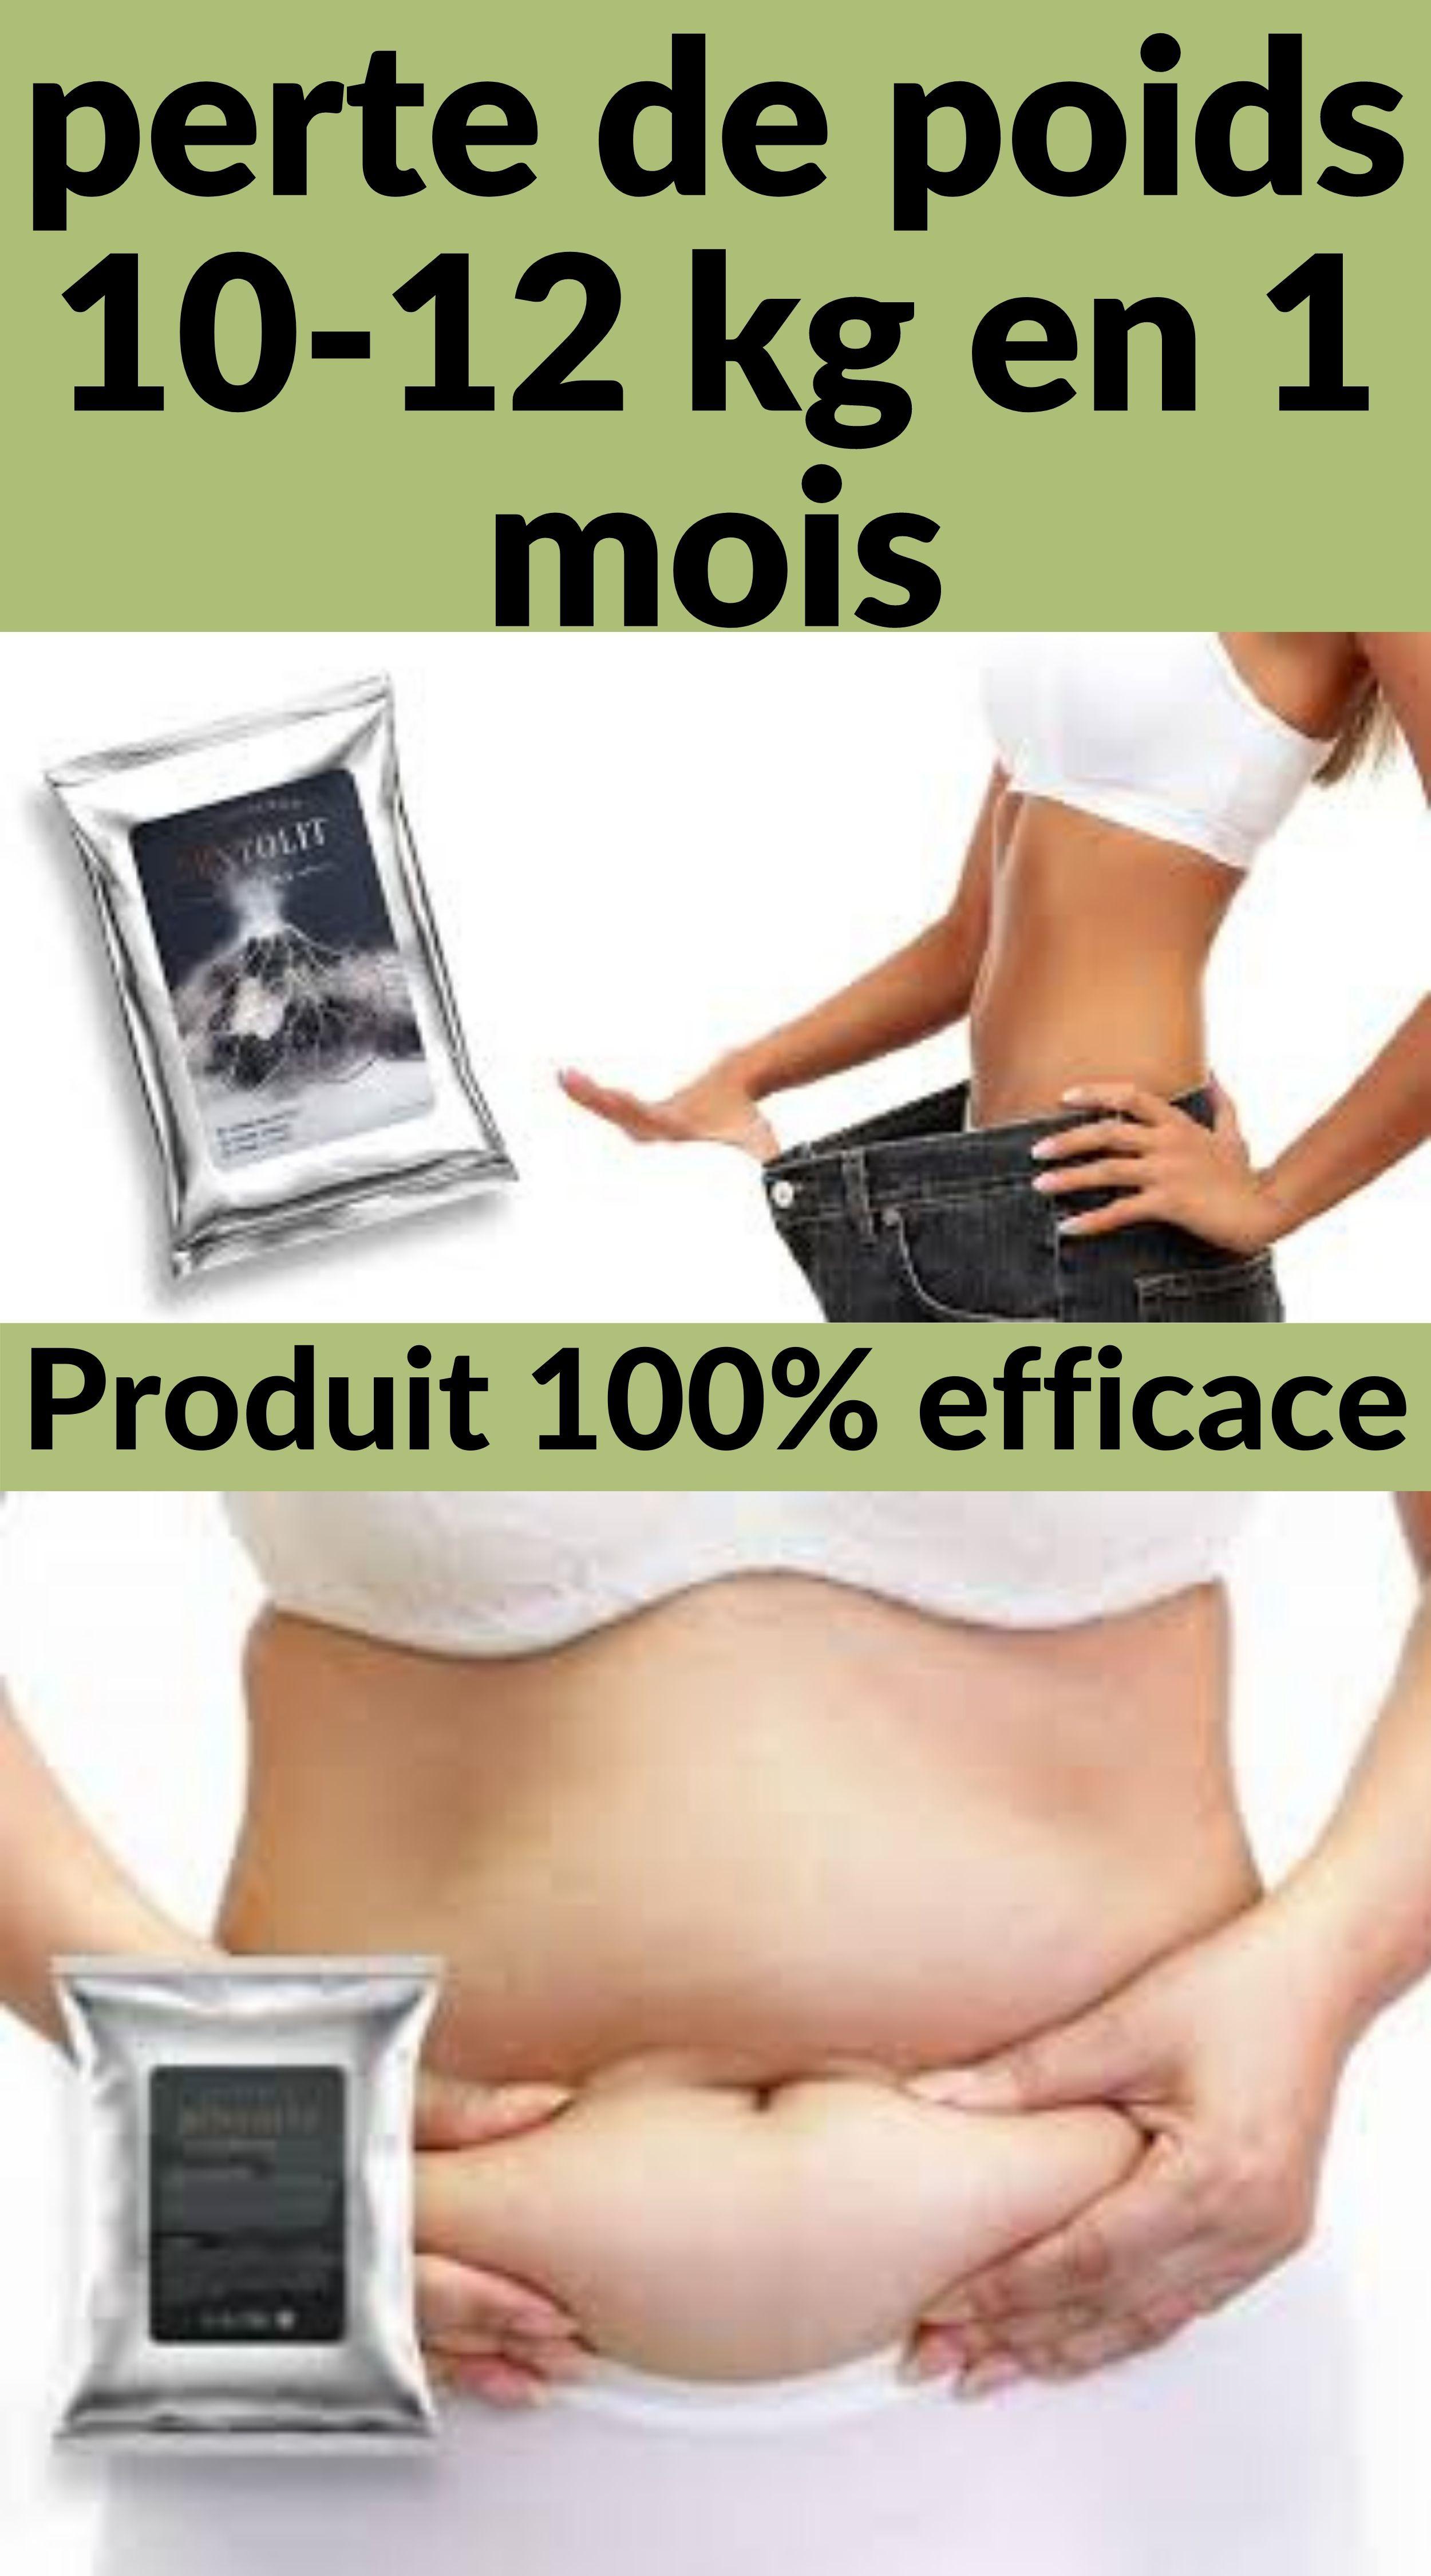 perte de poids saine par mois kg